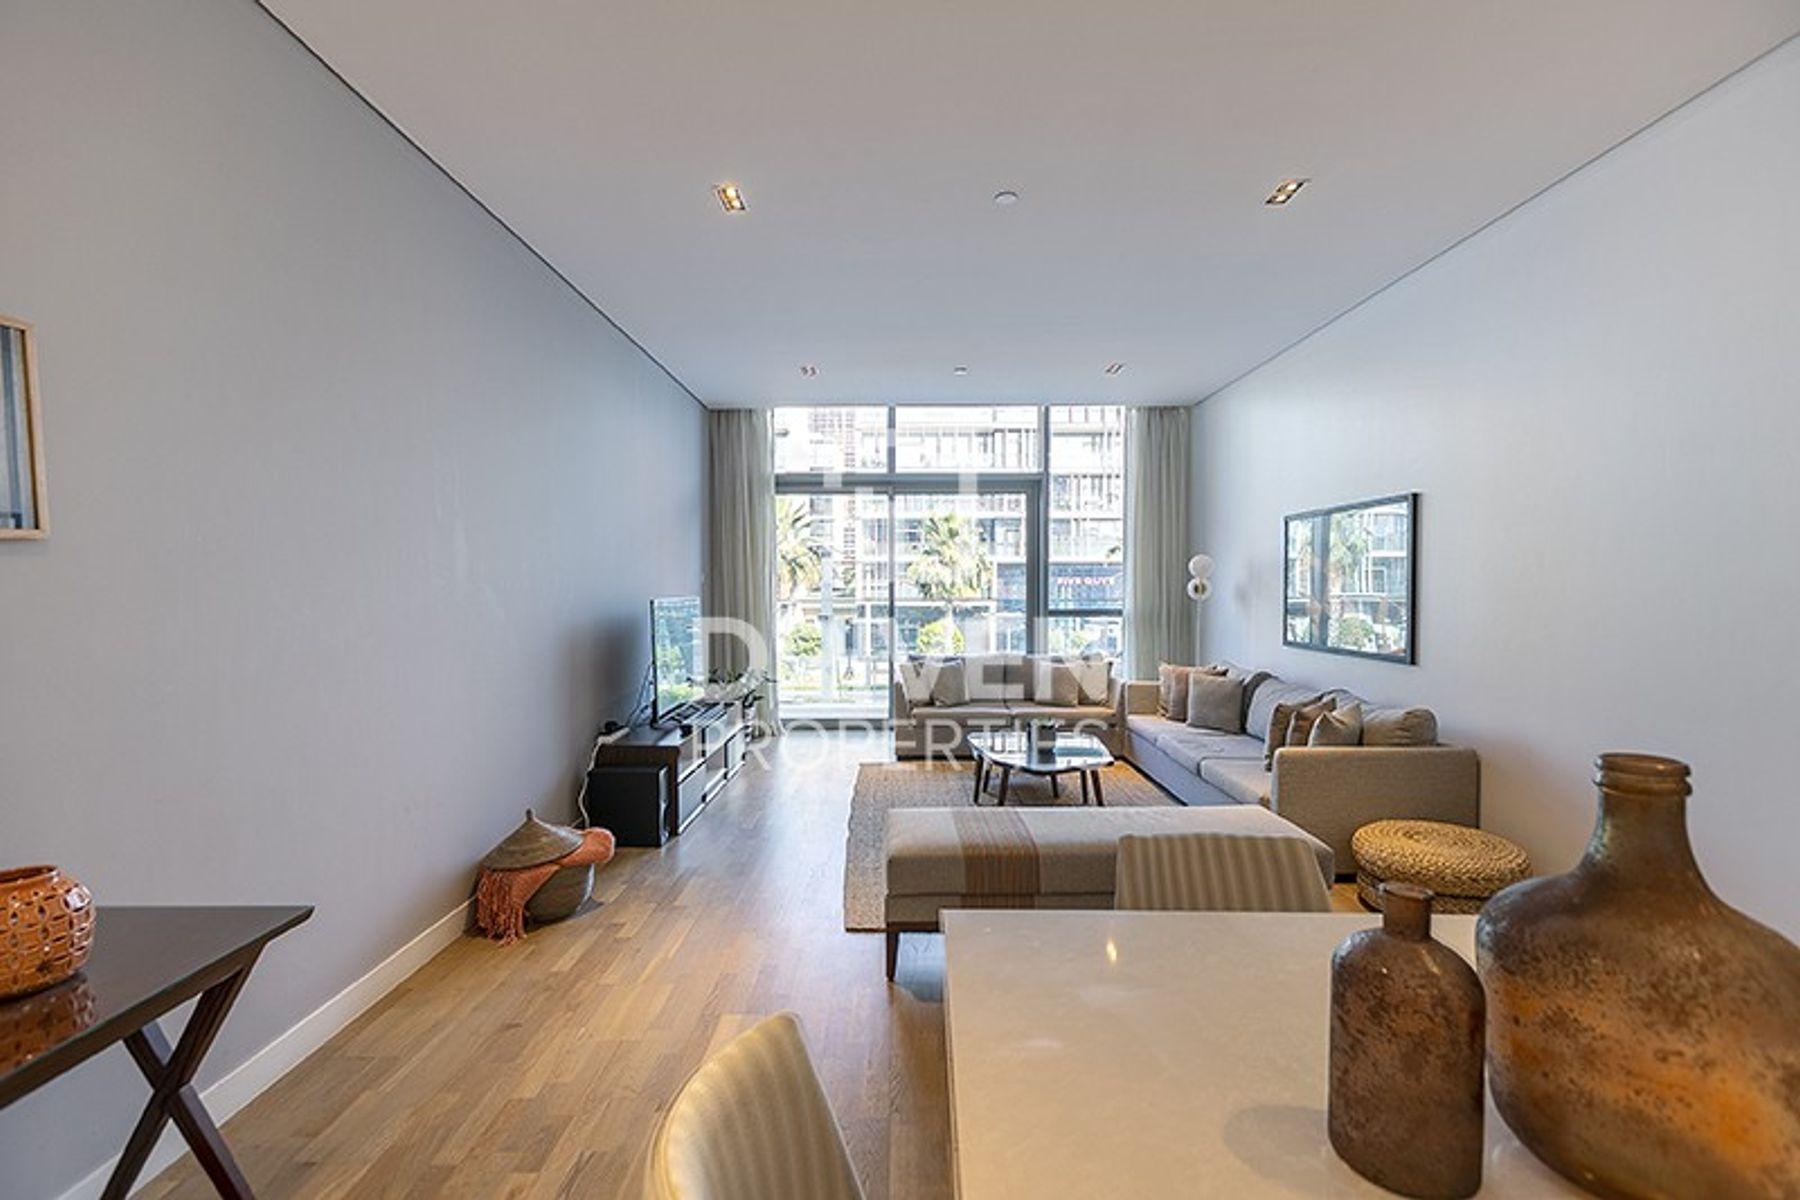 للايجار - شقة - 8 بناية - سيتي ووك